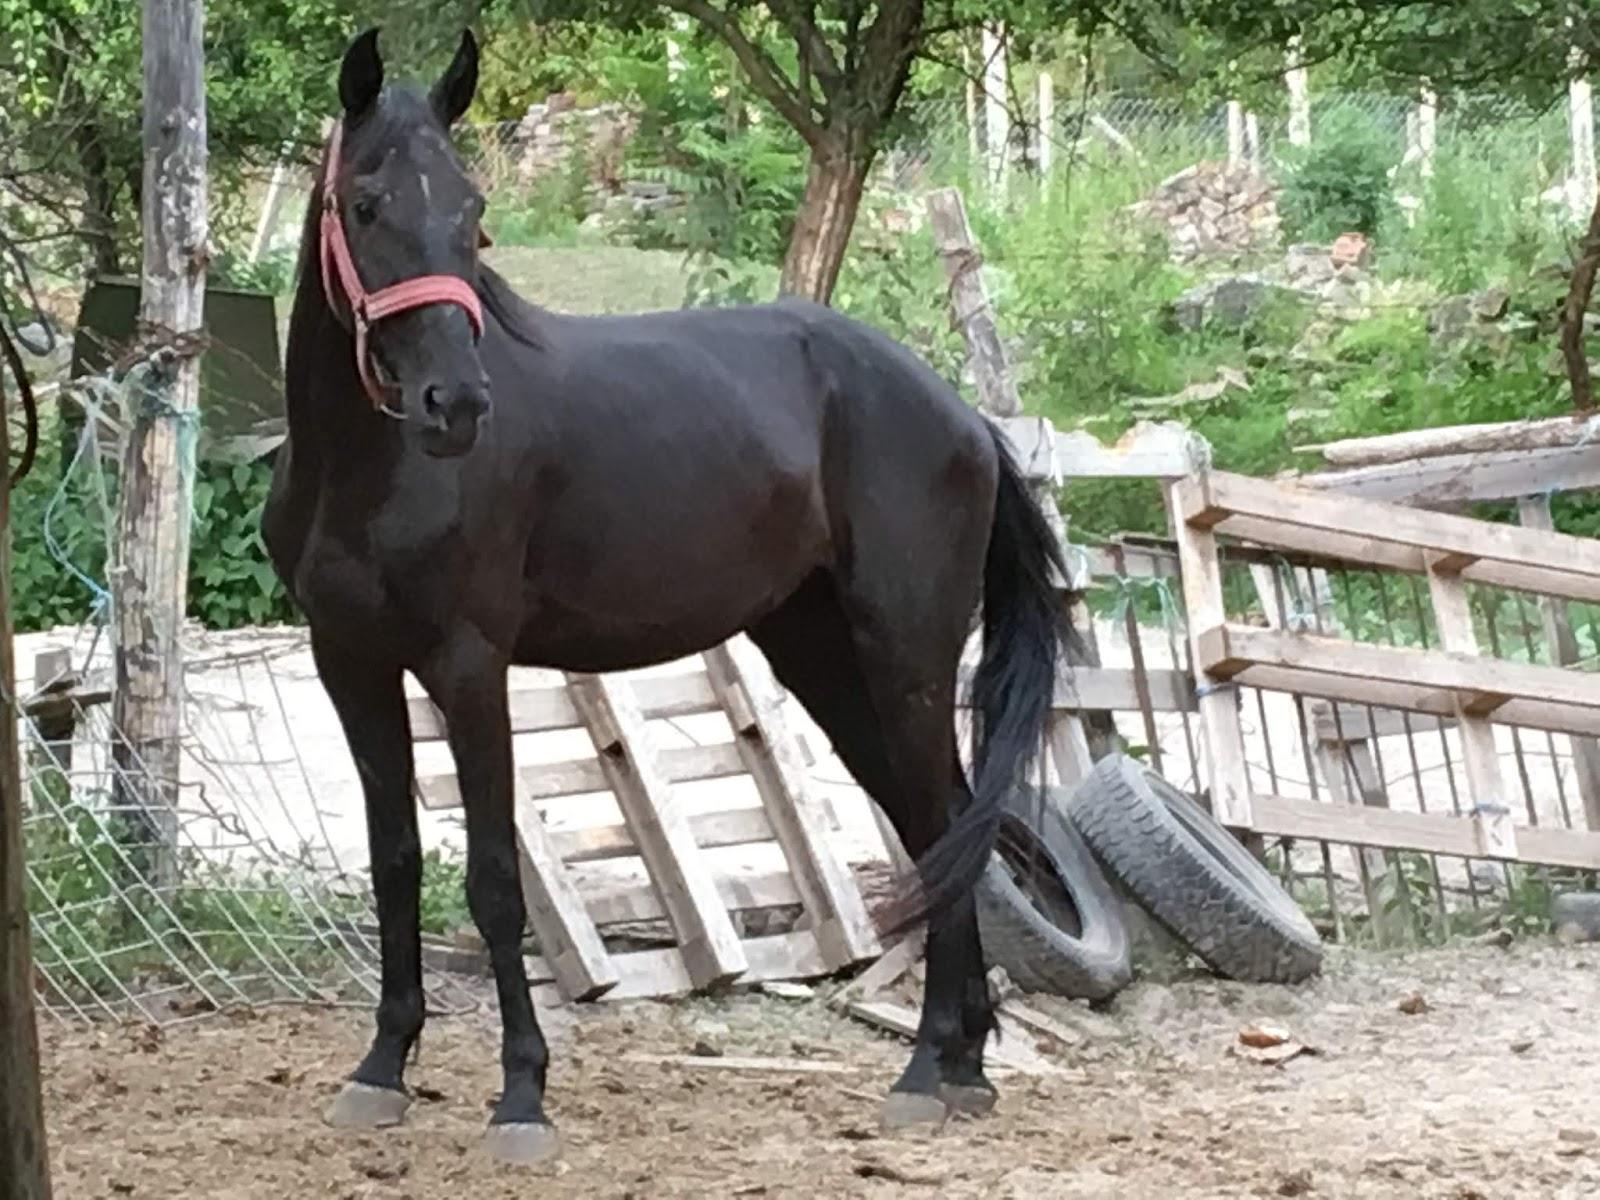 Hogy lovagolnak a nagy lányok faszon?